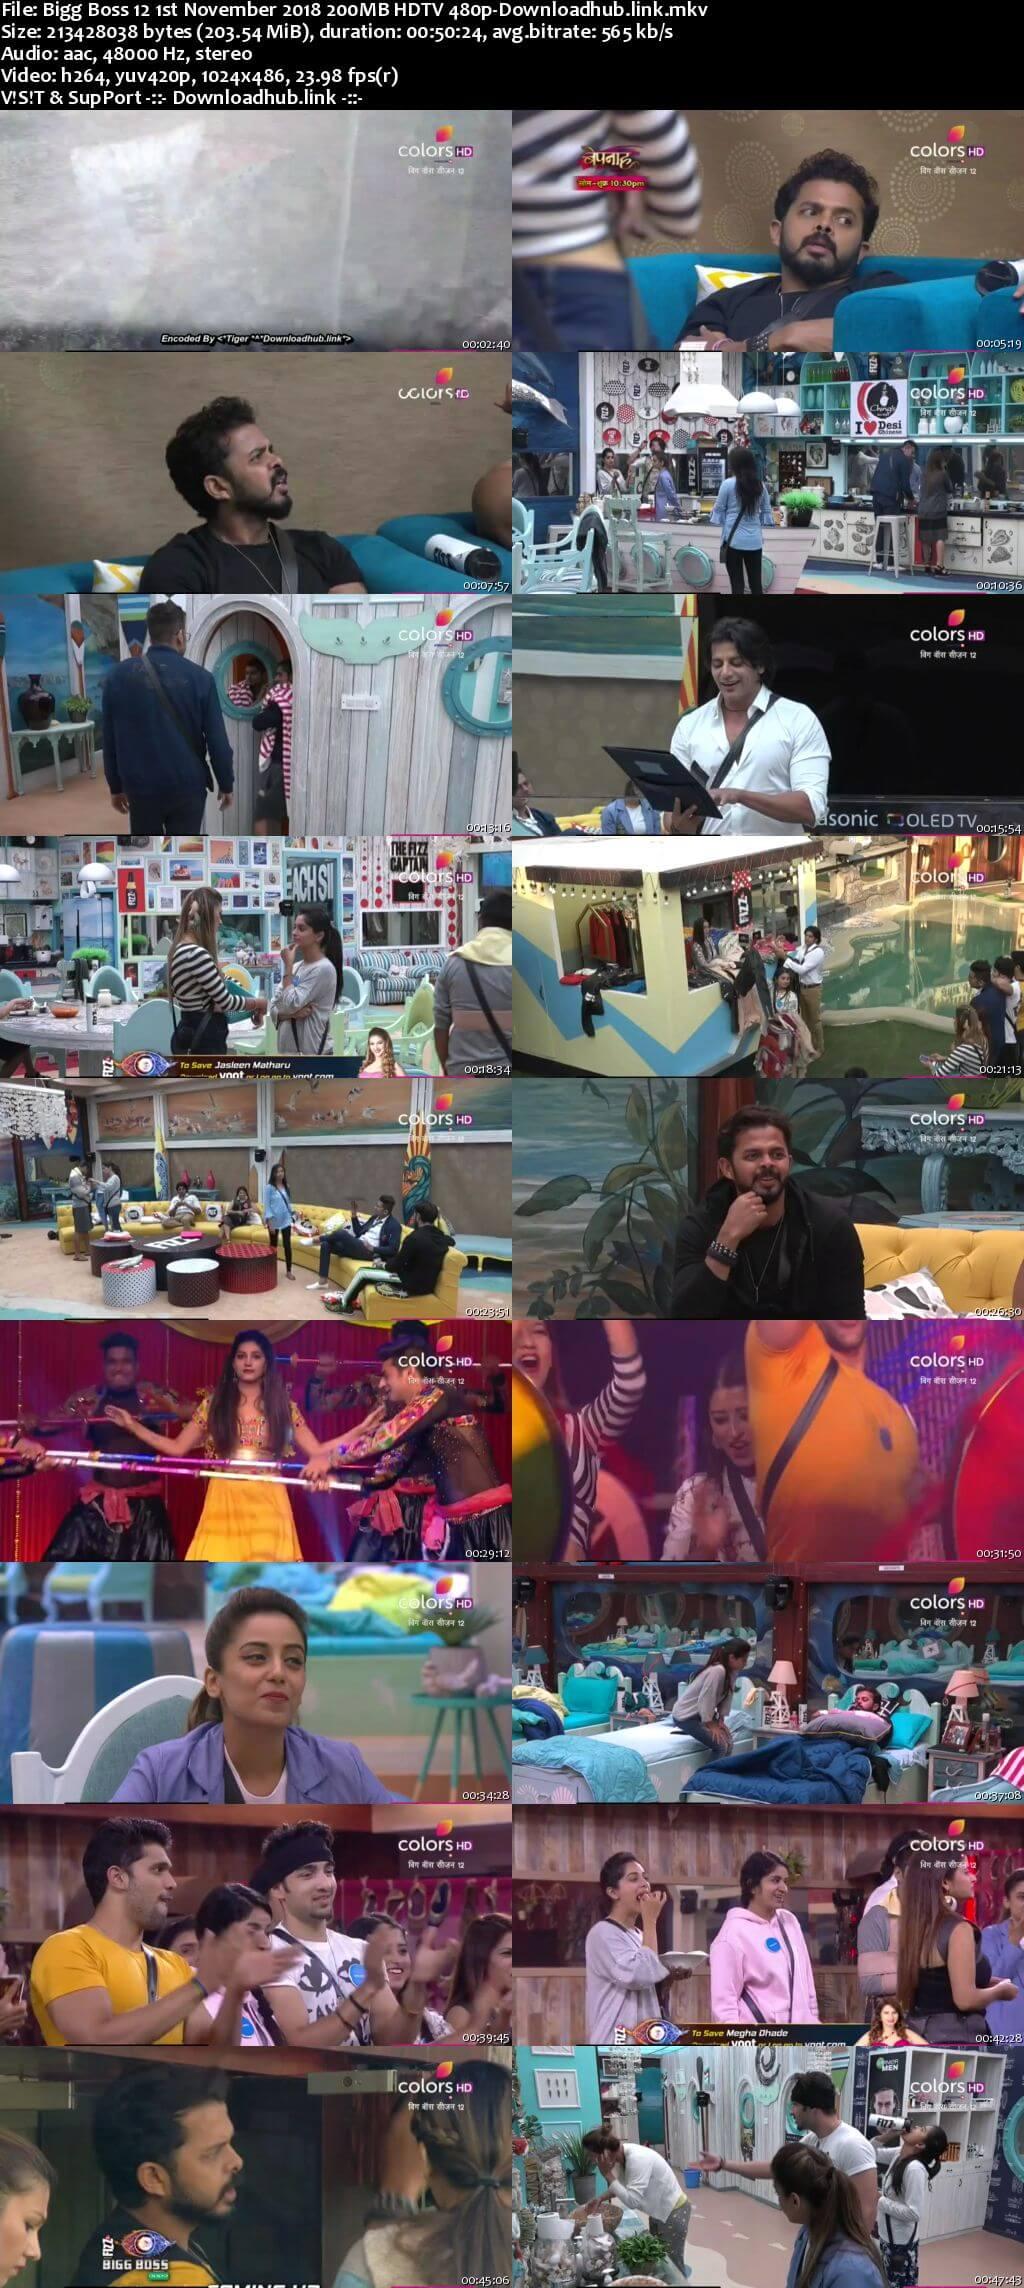 Bigg Boss 12 01 November 2018 Episode 46 HDTV 480p